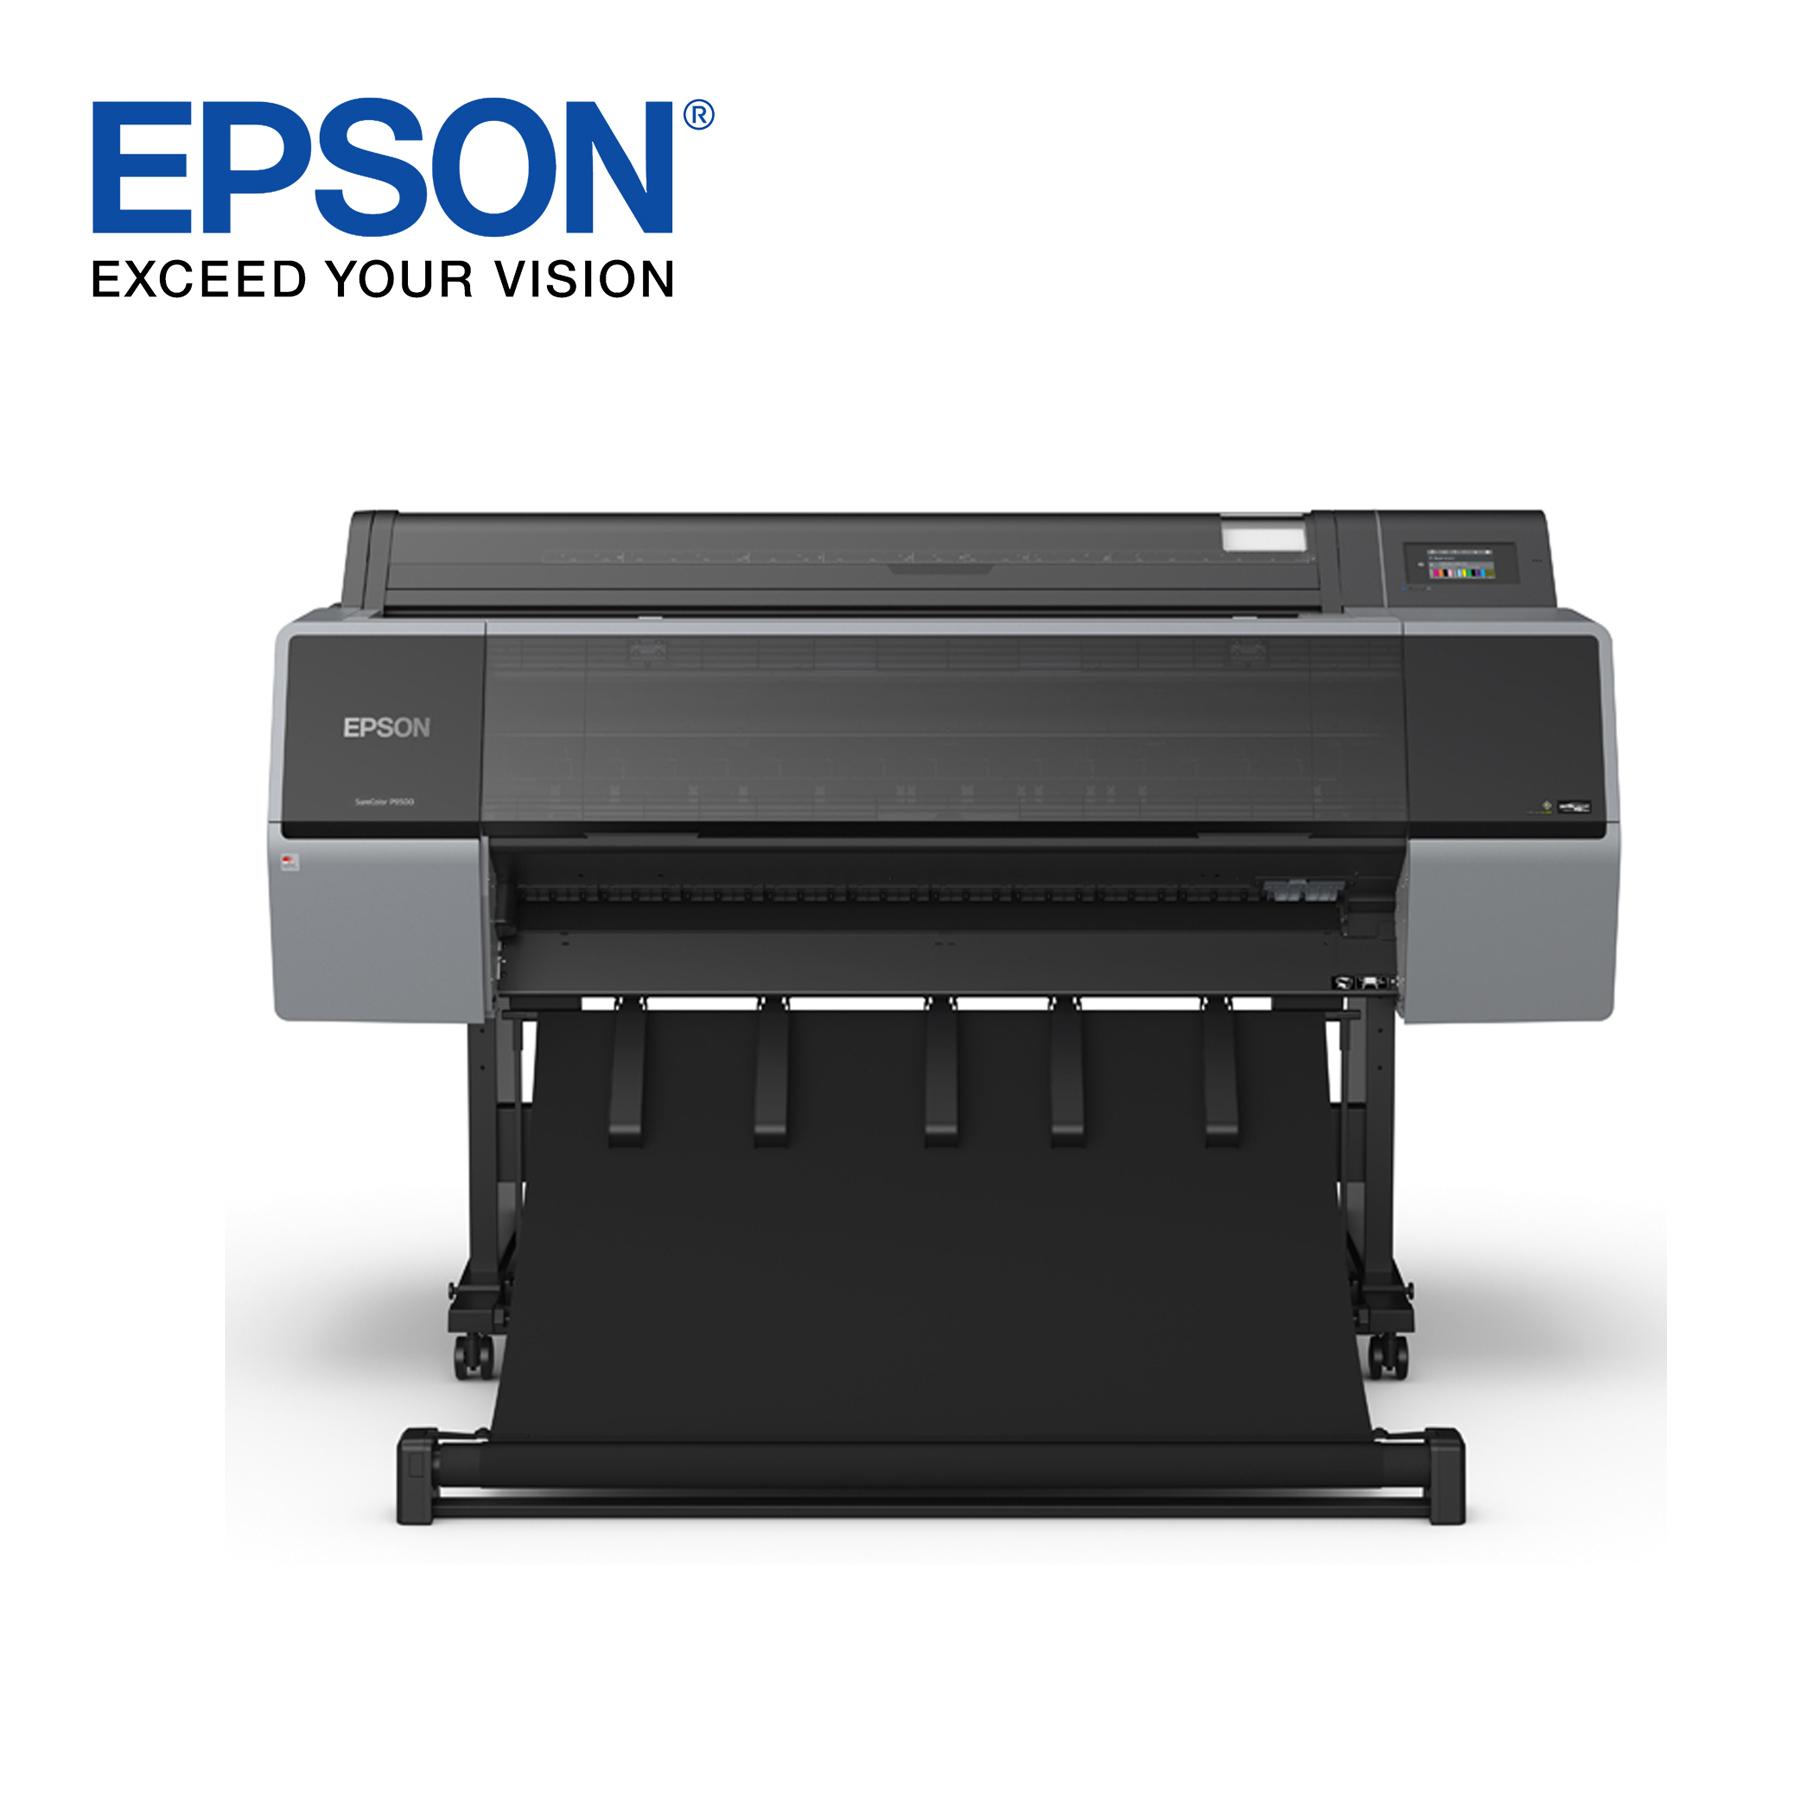 Epson SureColor SC-P9500 A1 Large Format Printer